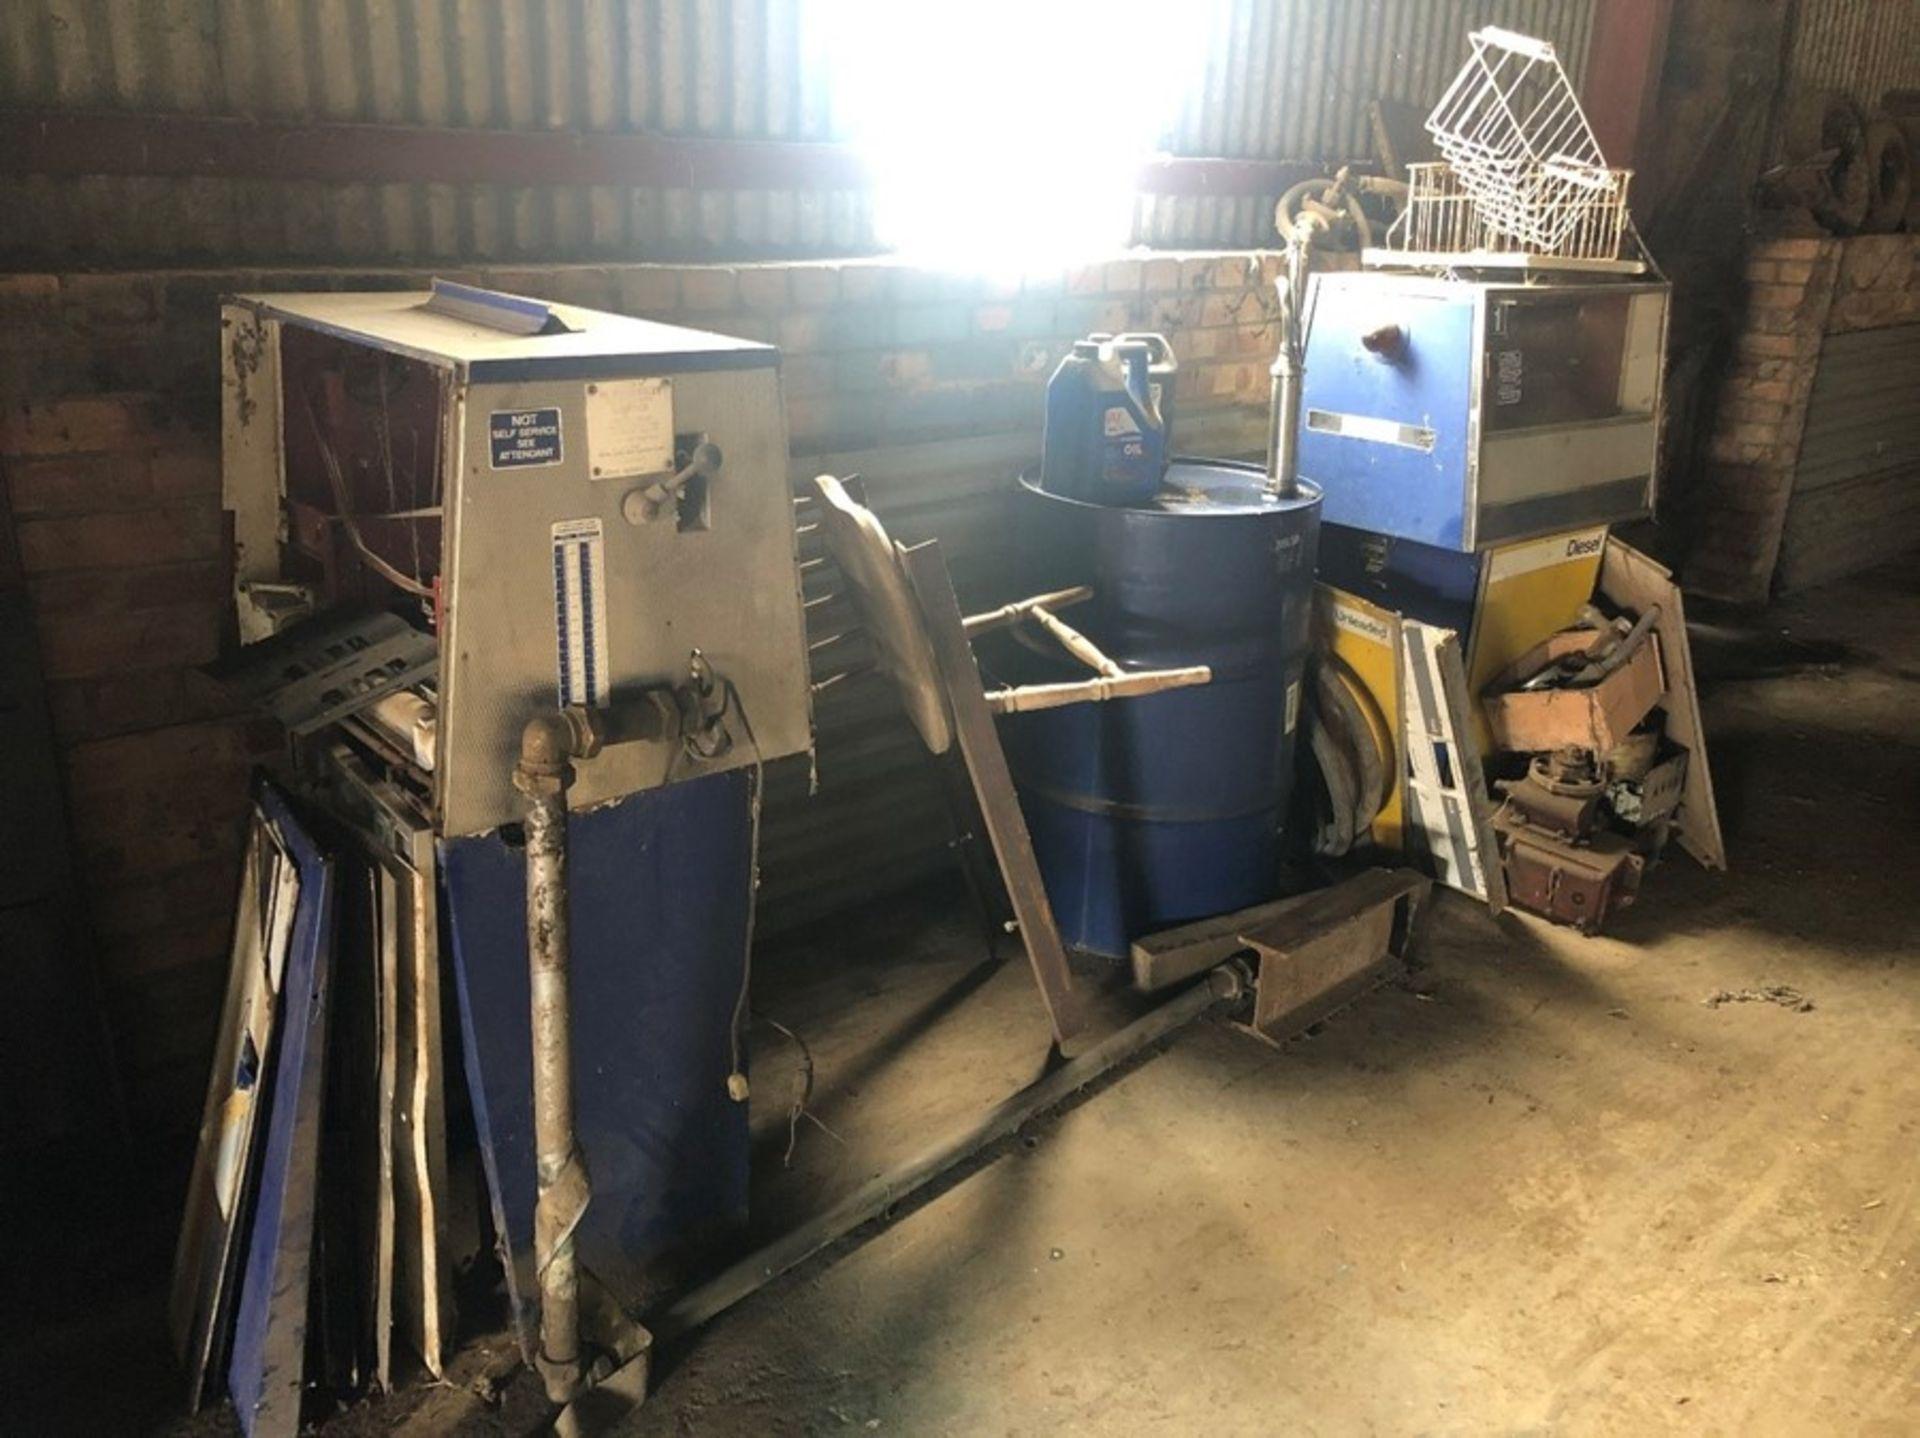 2 x fuel dispensing pumps